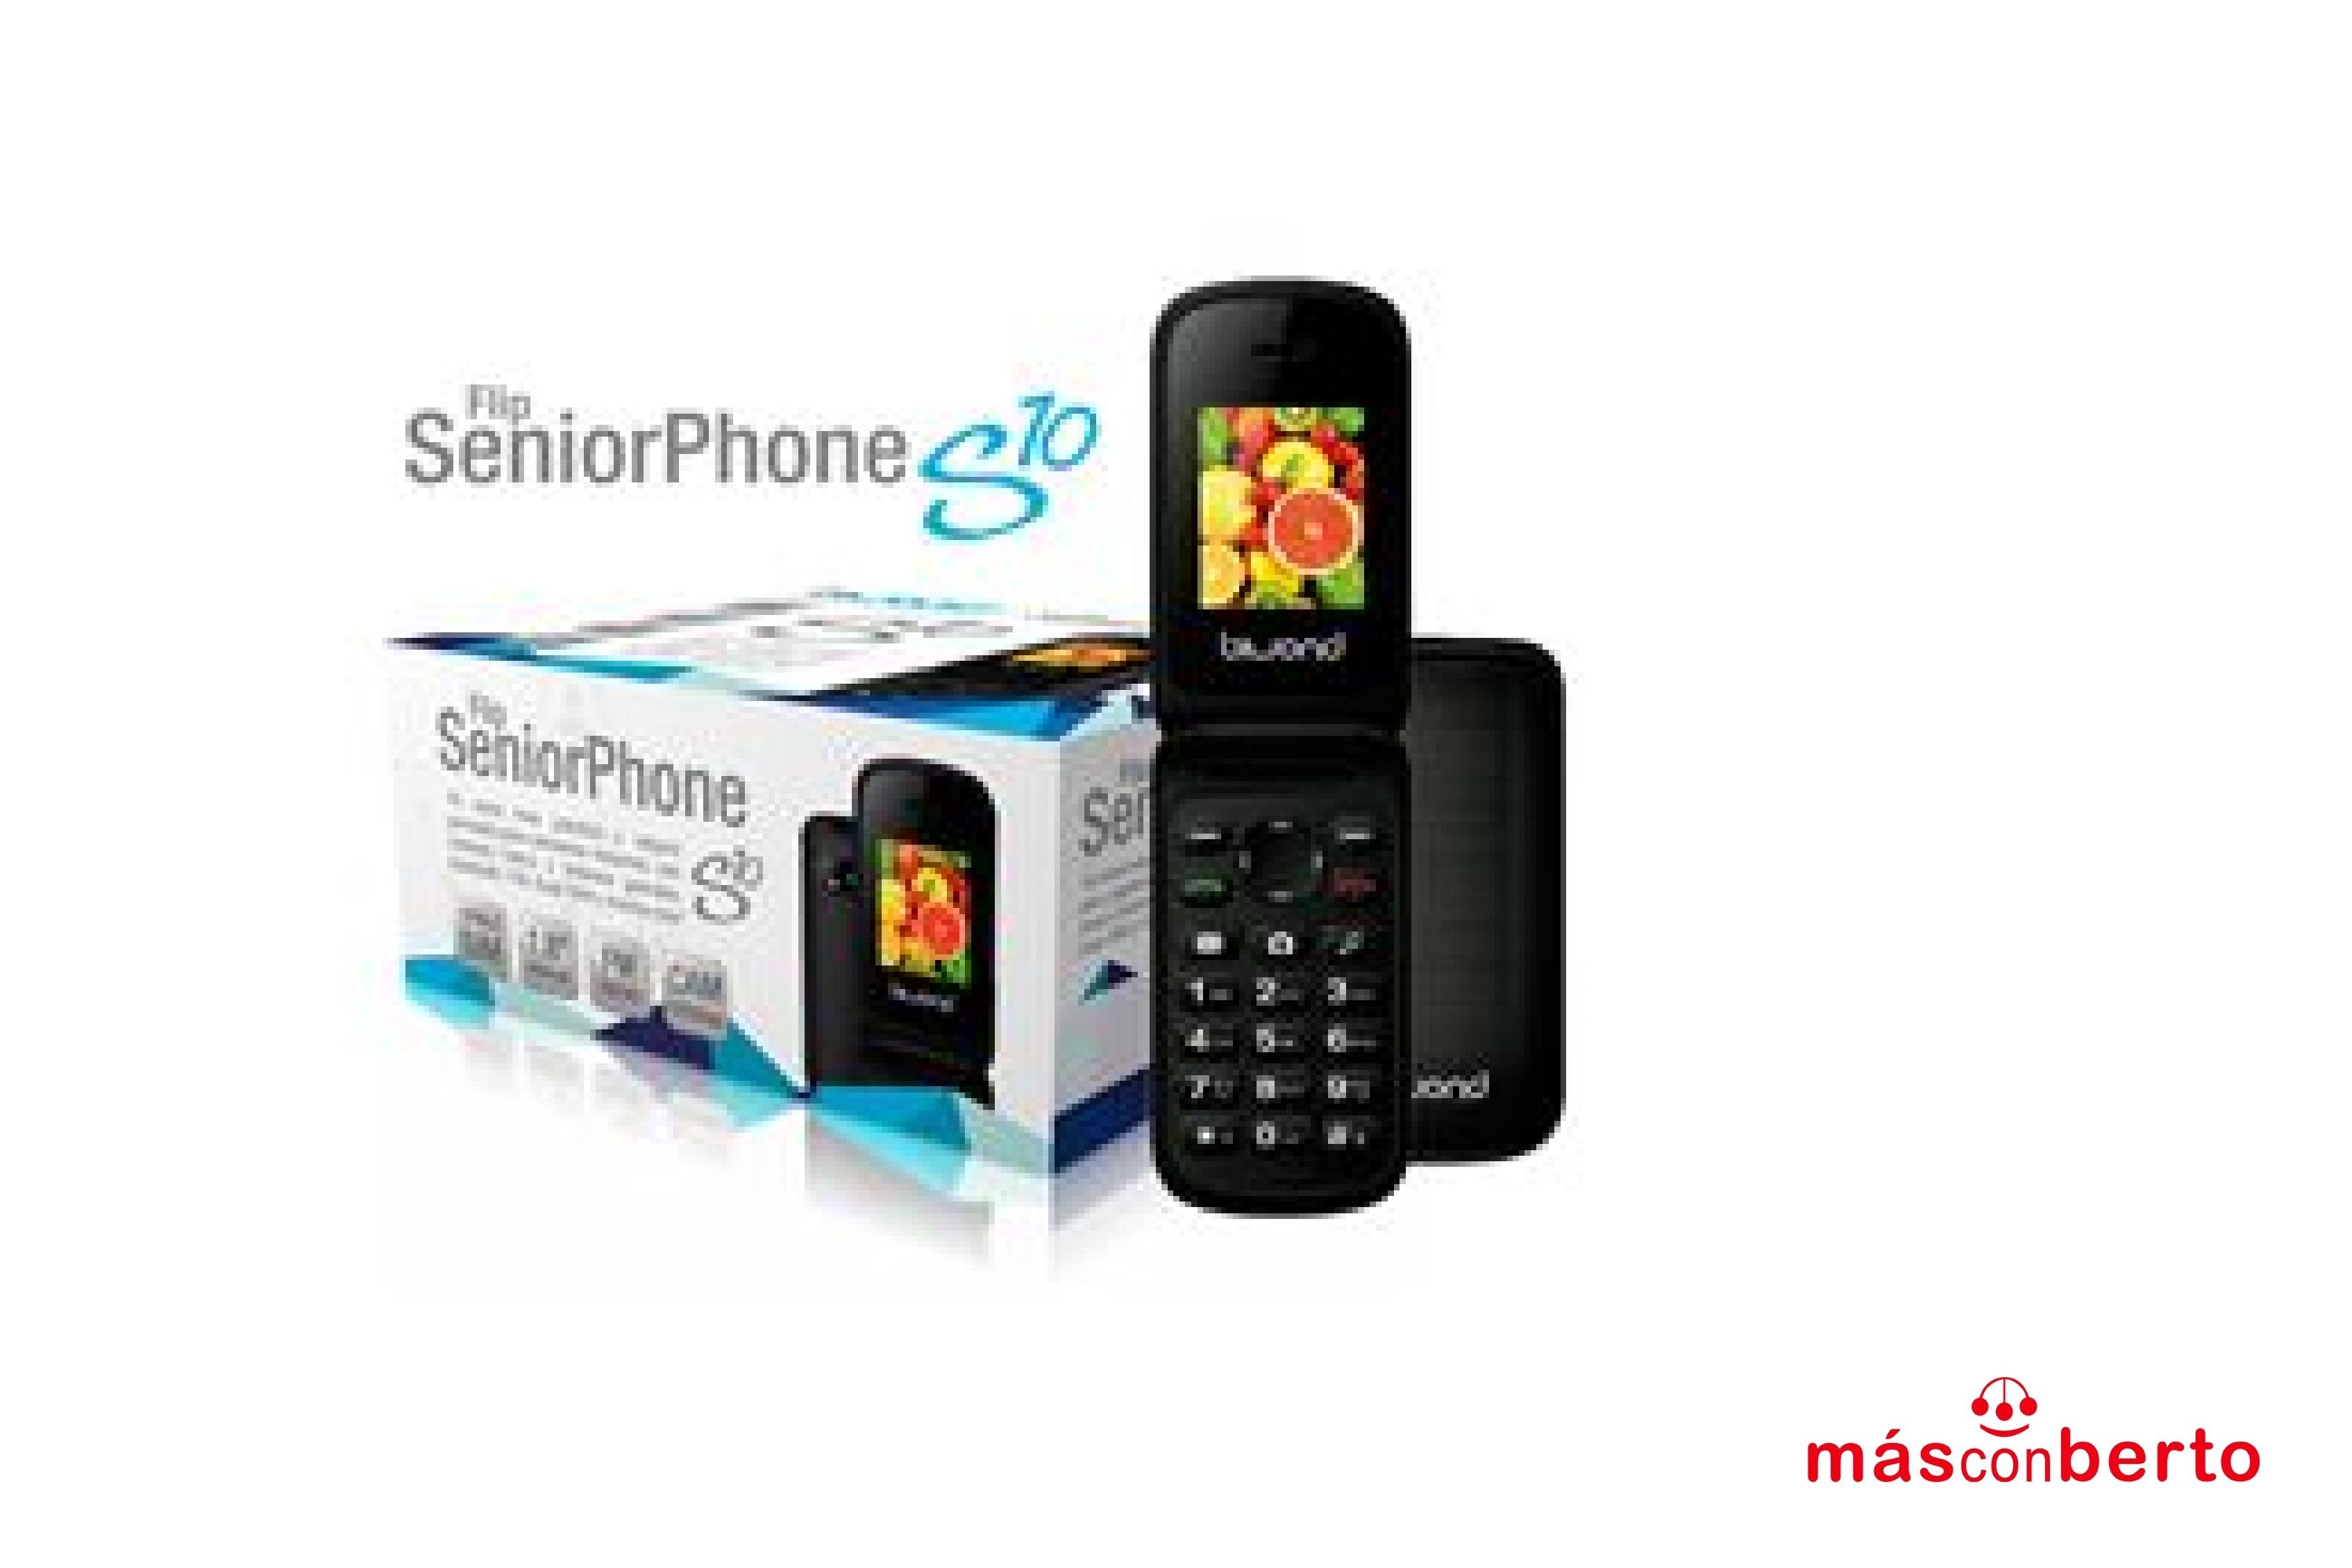 Teléfono Biwond S10 Senior...